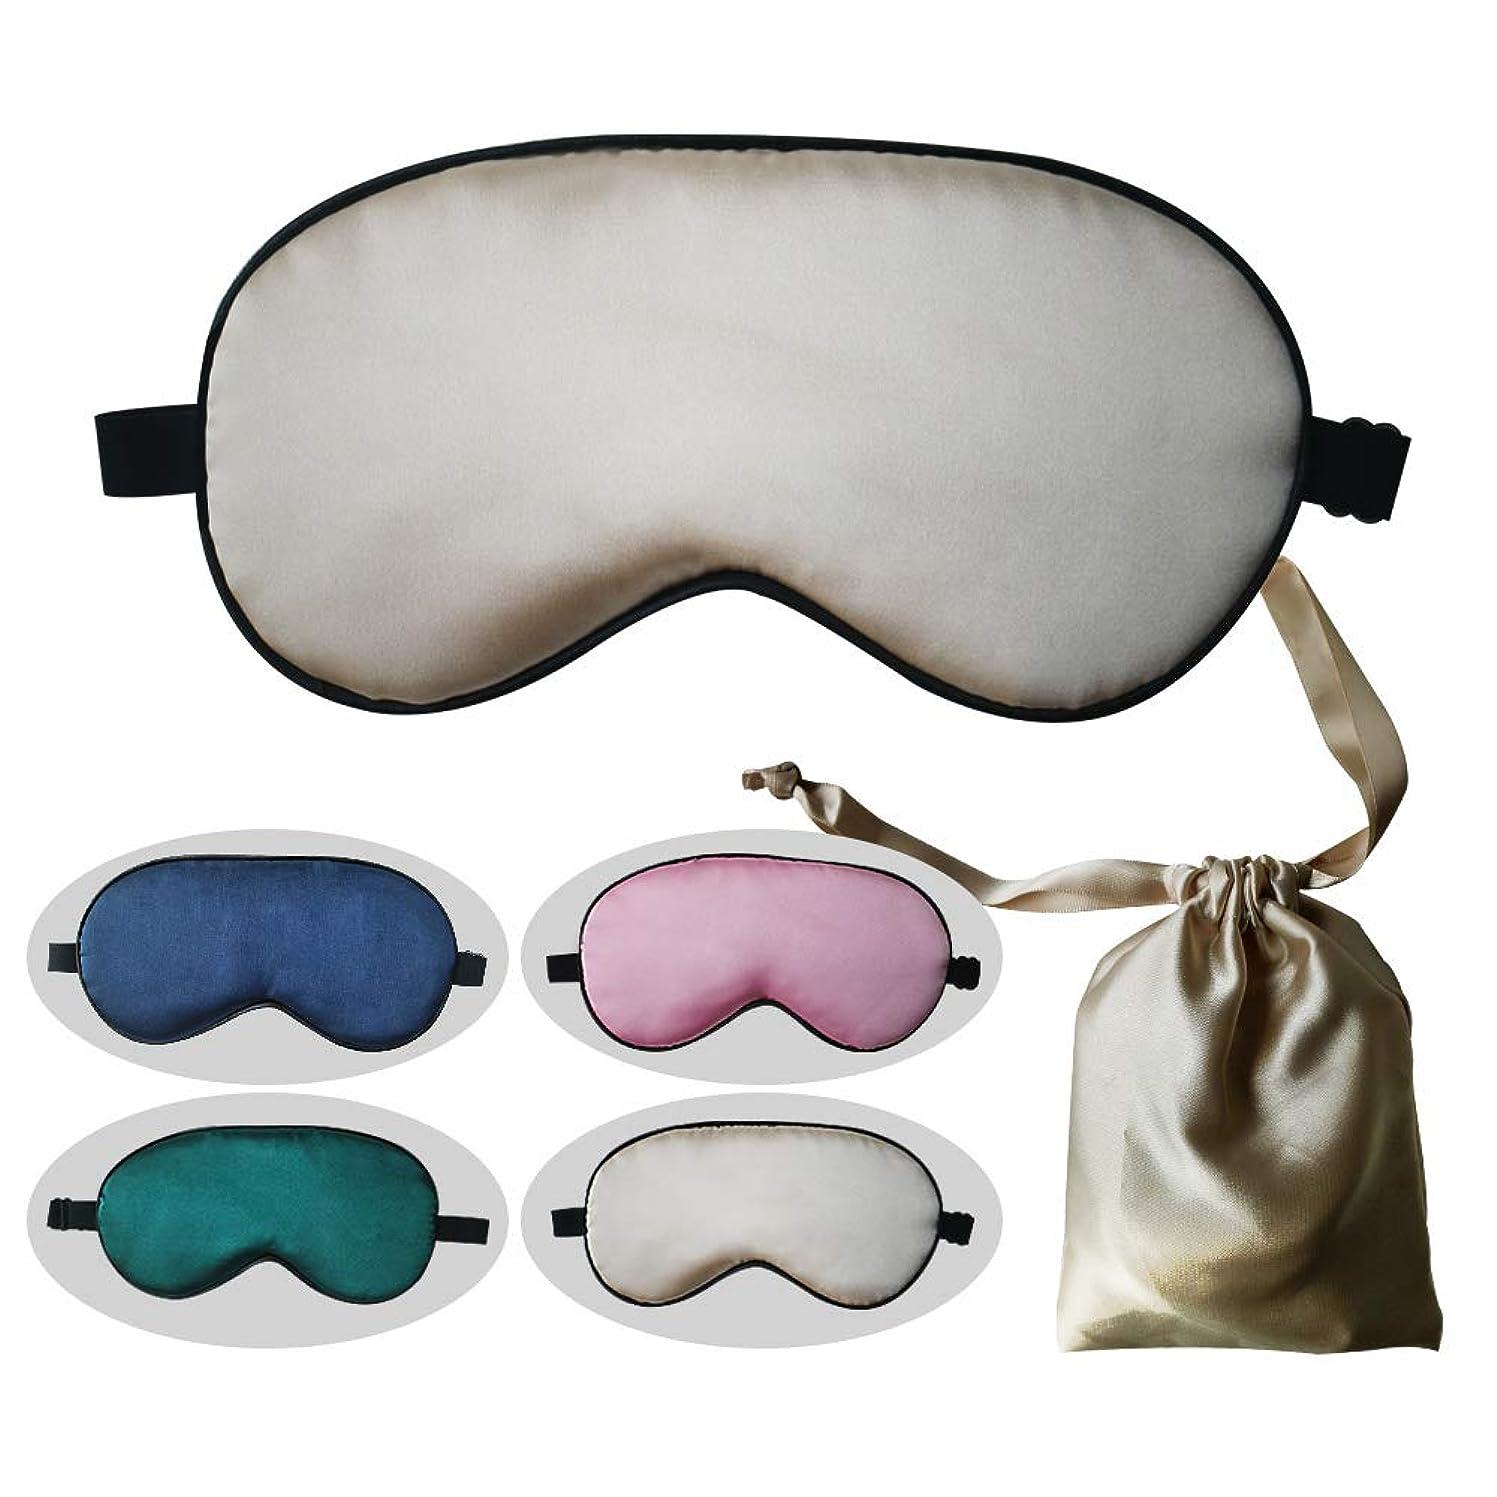 自己糸ピジンLinkingHome アイマスク、シルク スリープ アイ マスク、軽量 無加圧、昼寝、疲労回復、調節可能な長さ、便利な収納袋、洗える、オフィス、飛行機、車、電車の旅行に適し(ベージュ)